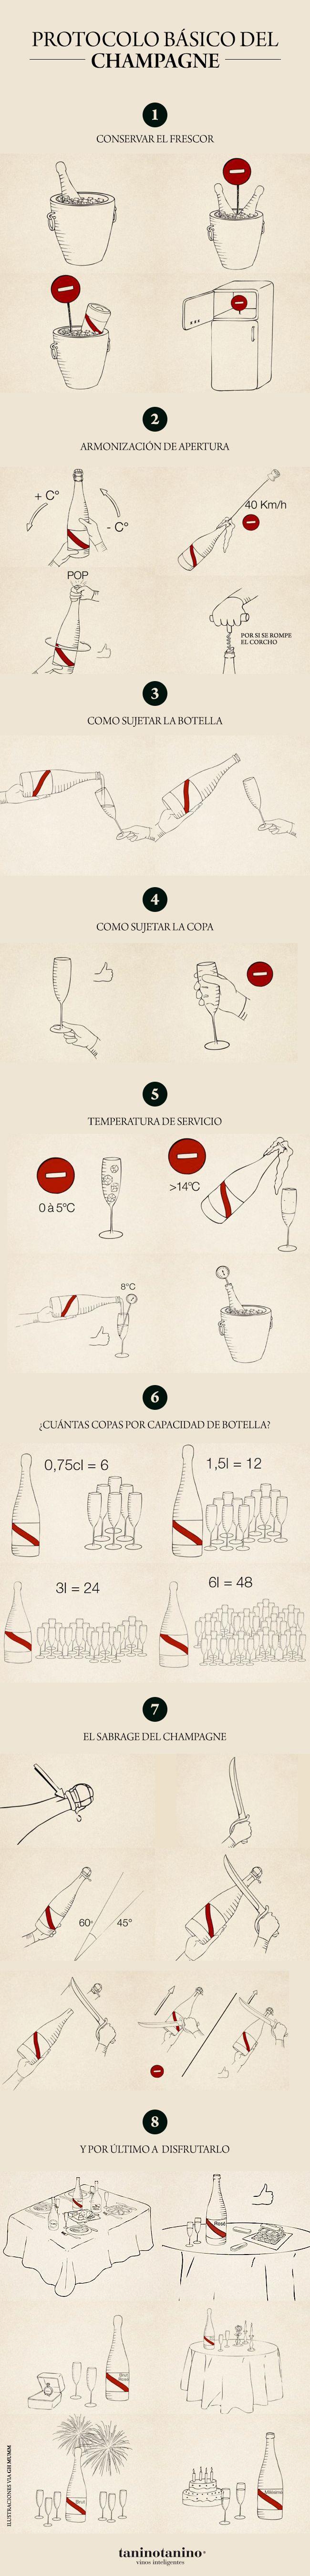 El protocolo básico del #Champagne. Ilustraciones vía GH MUMM #taninotanino #vinosmaximum #maximum